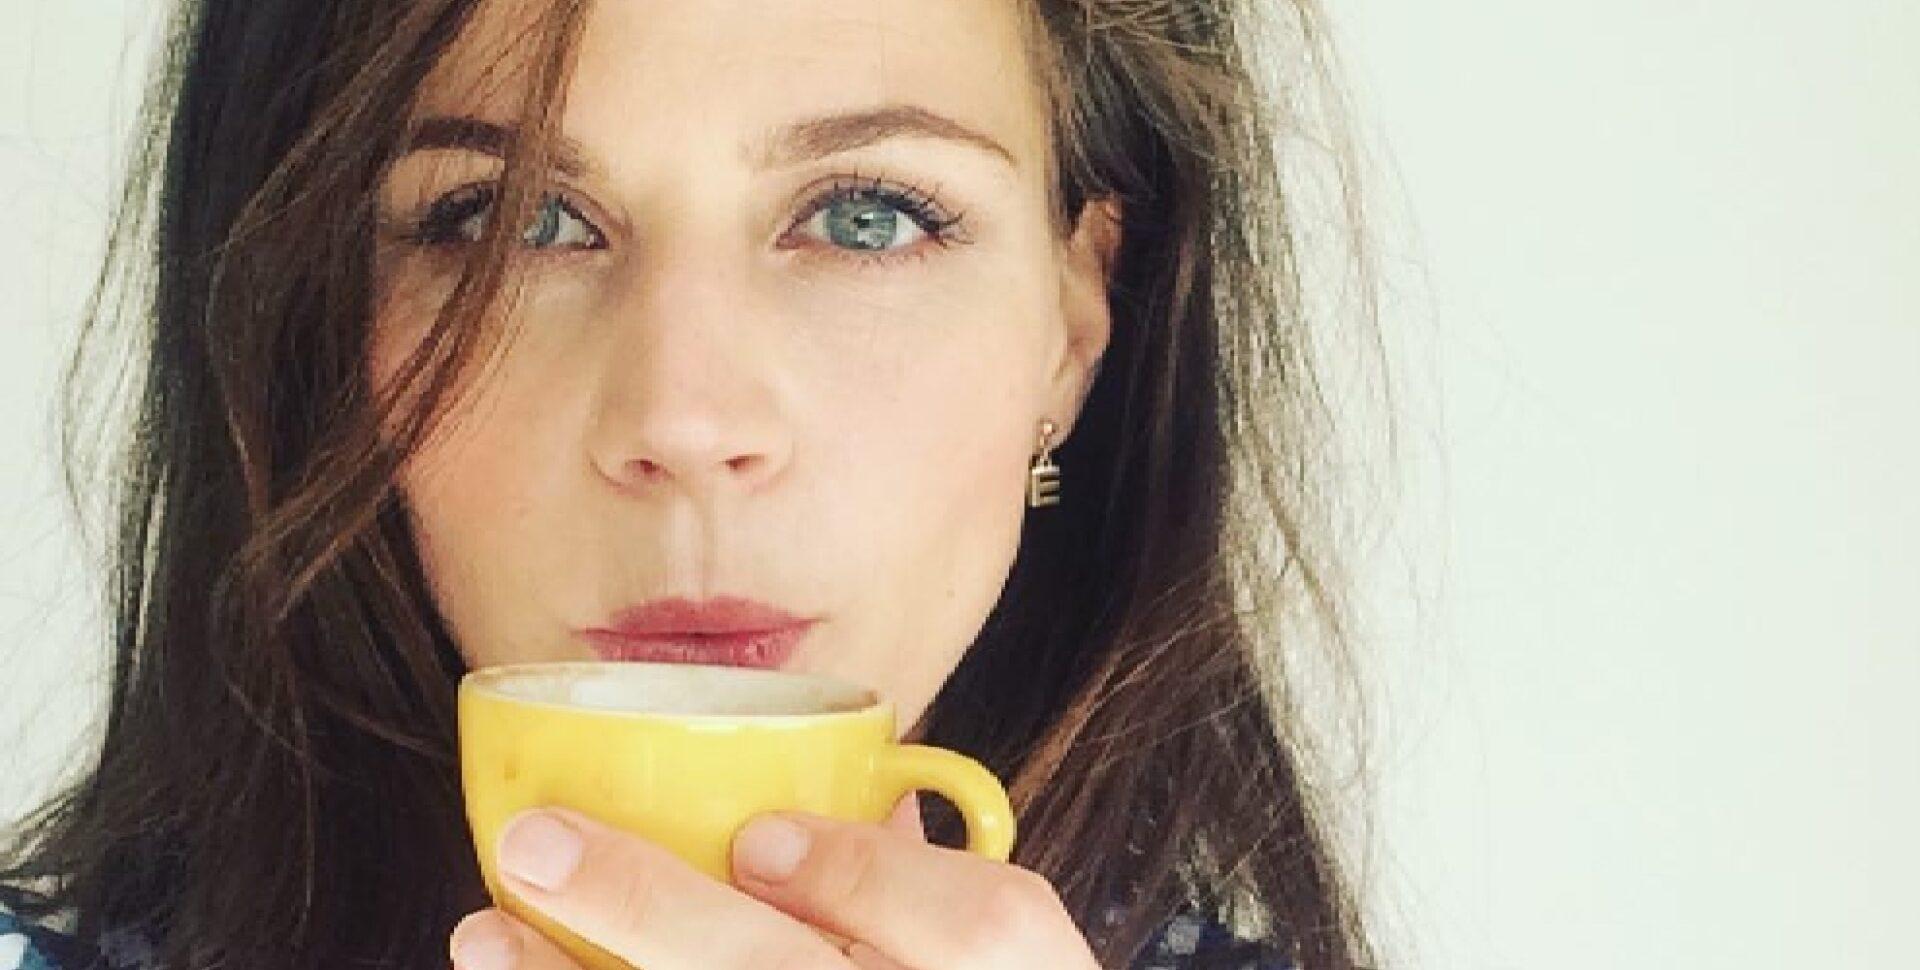 Elise Schaap Undercover Instagram TV kantine Relatie